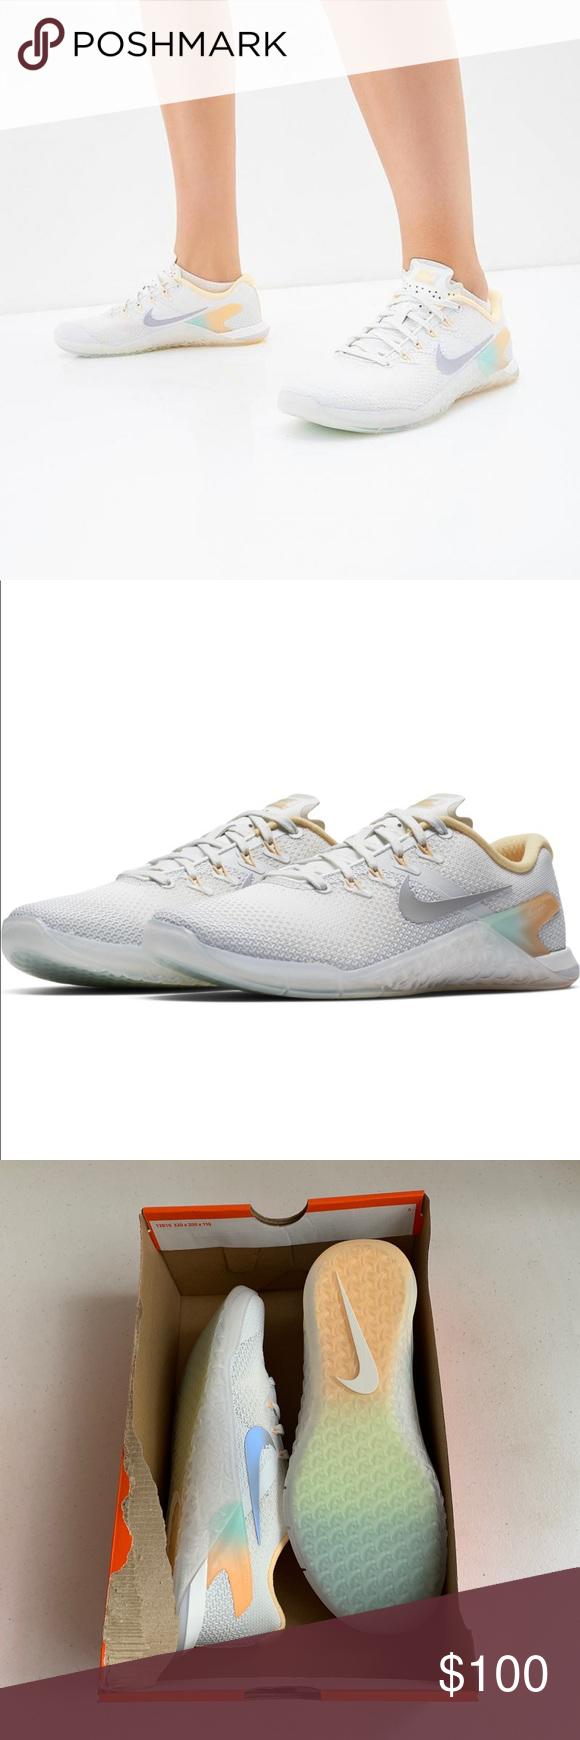 Nike Metcon 4 Rise AH8184-100 Size 6.5